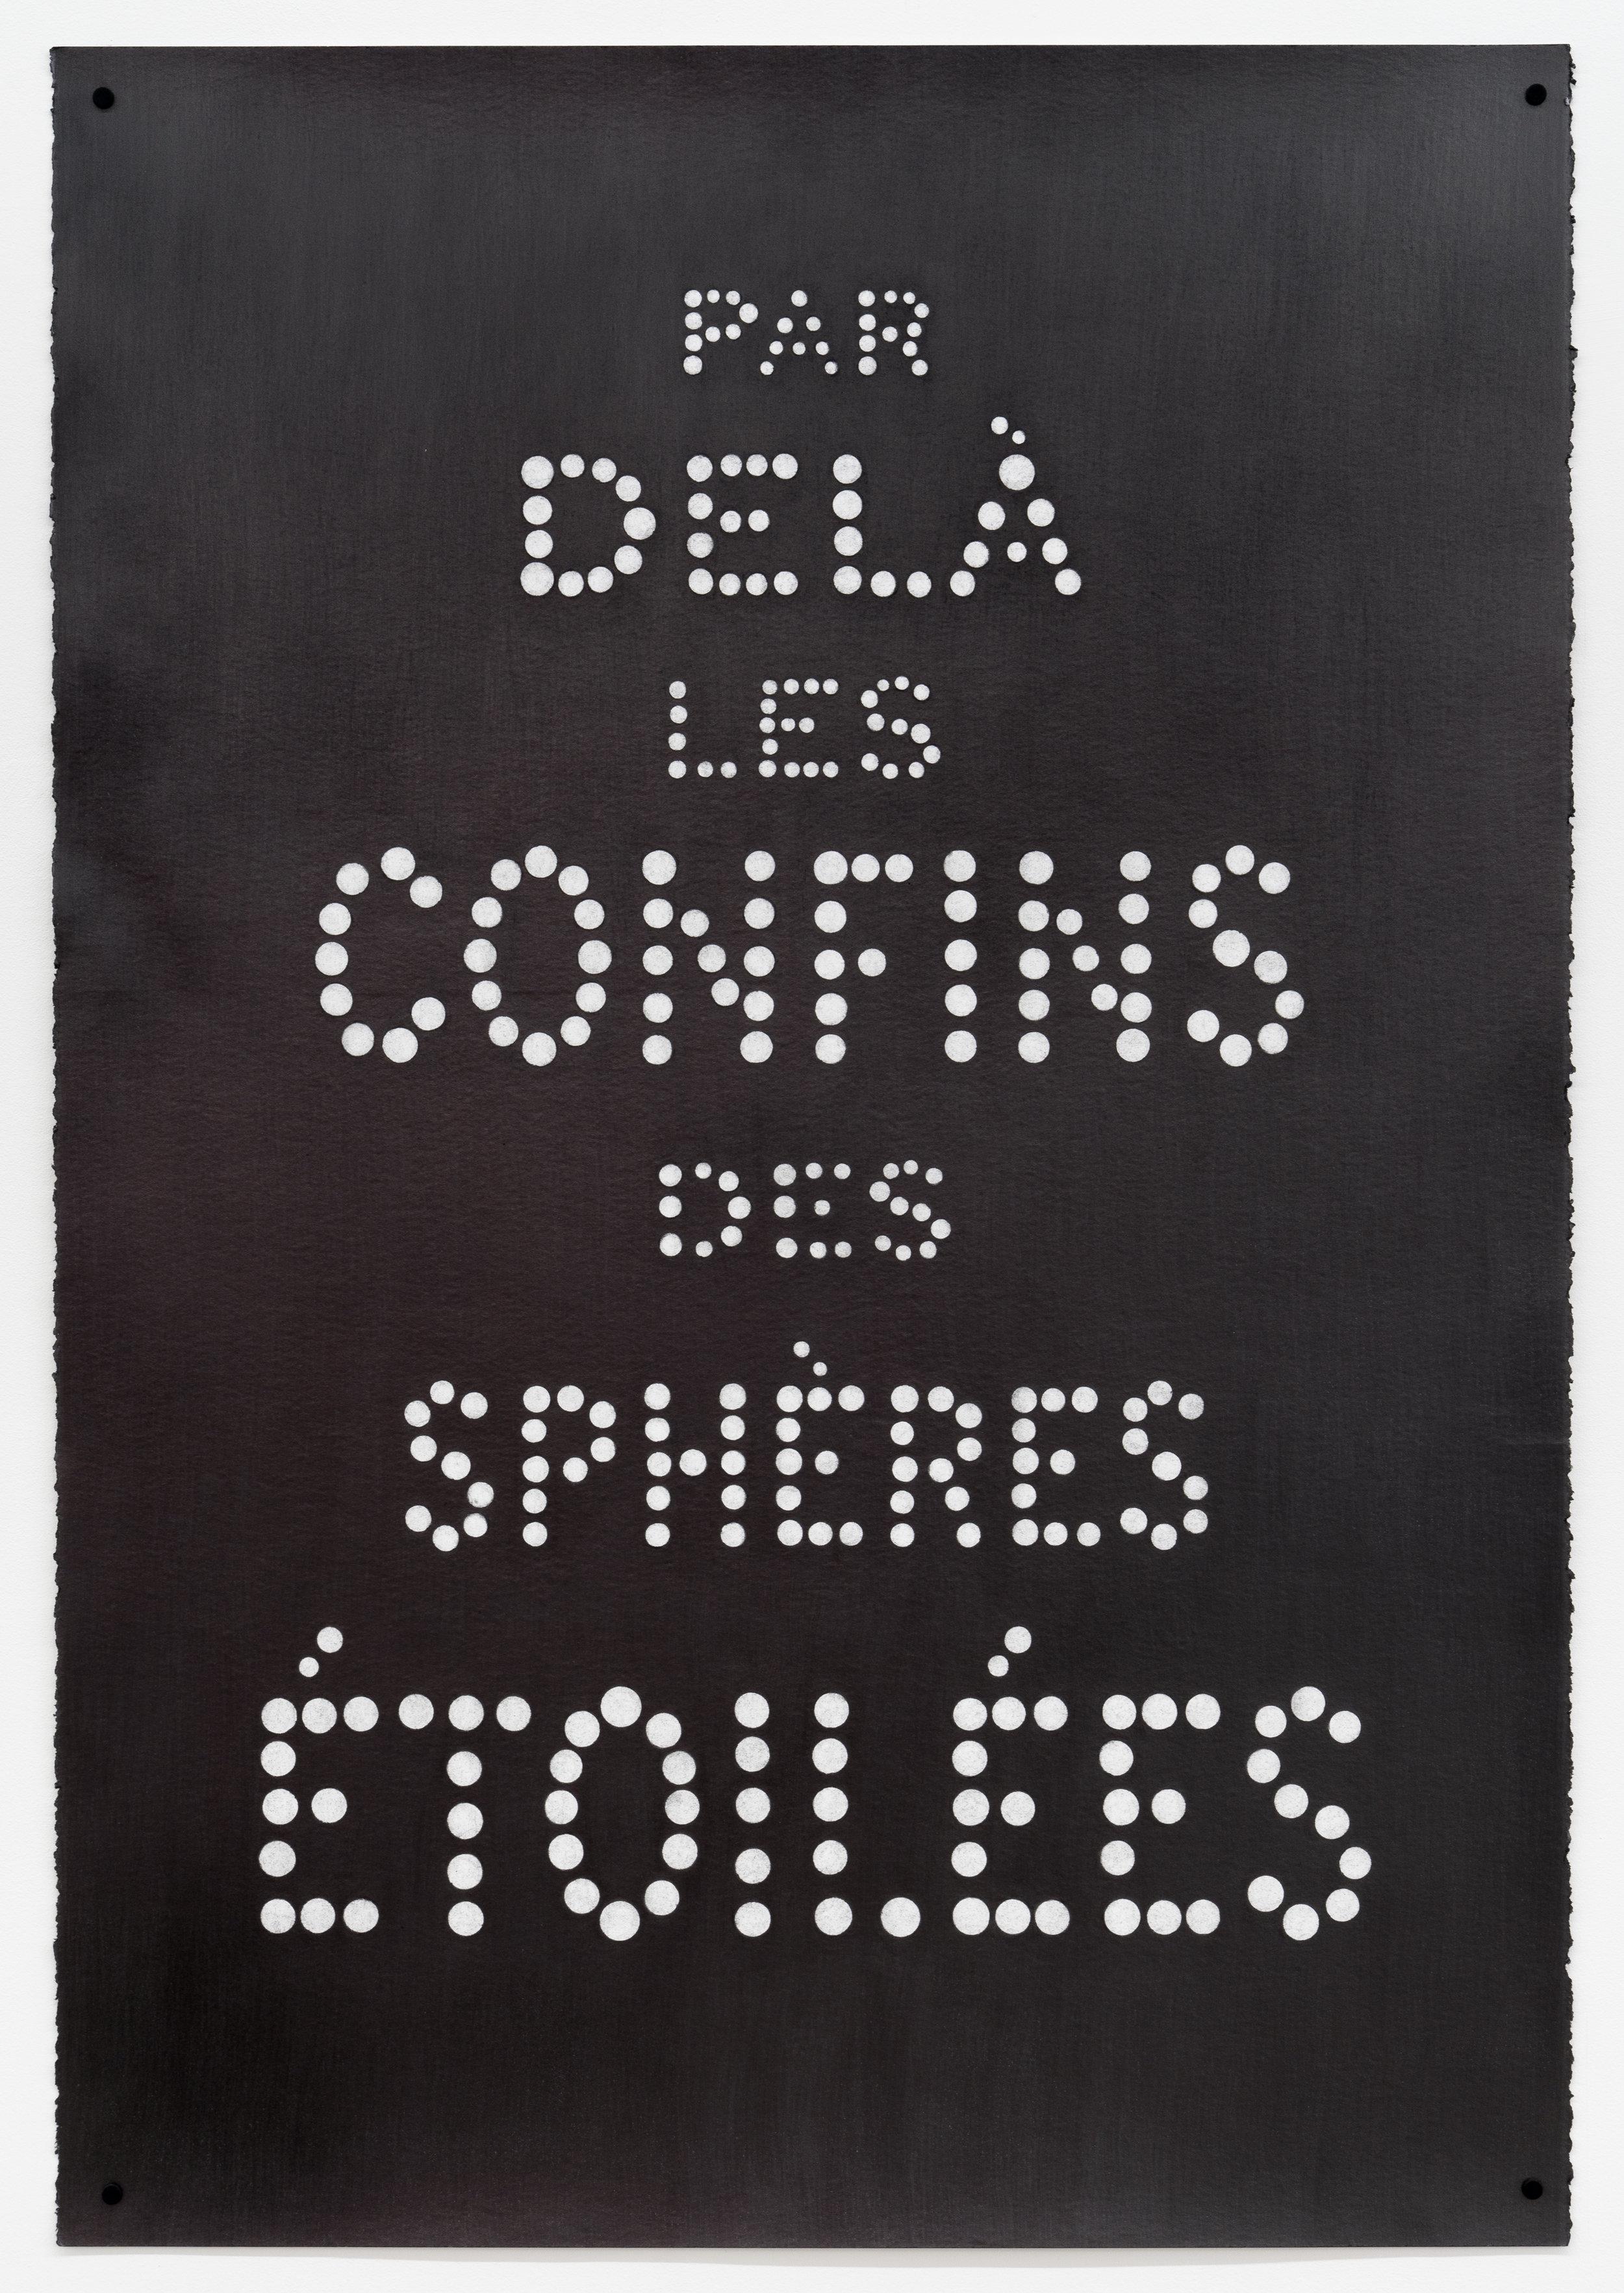 """Carl Trahan,  The Sacred Canopy - Par-delà les confins des sphères étoilées,  2018, graphite on paper, 44"""" x 30"""" (111 x 77 cm)"""